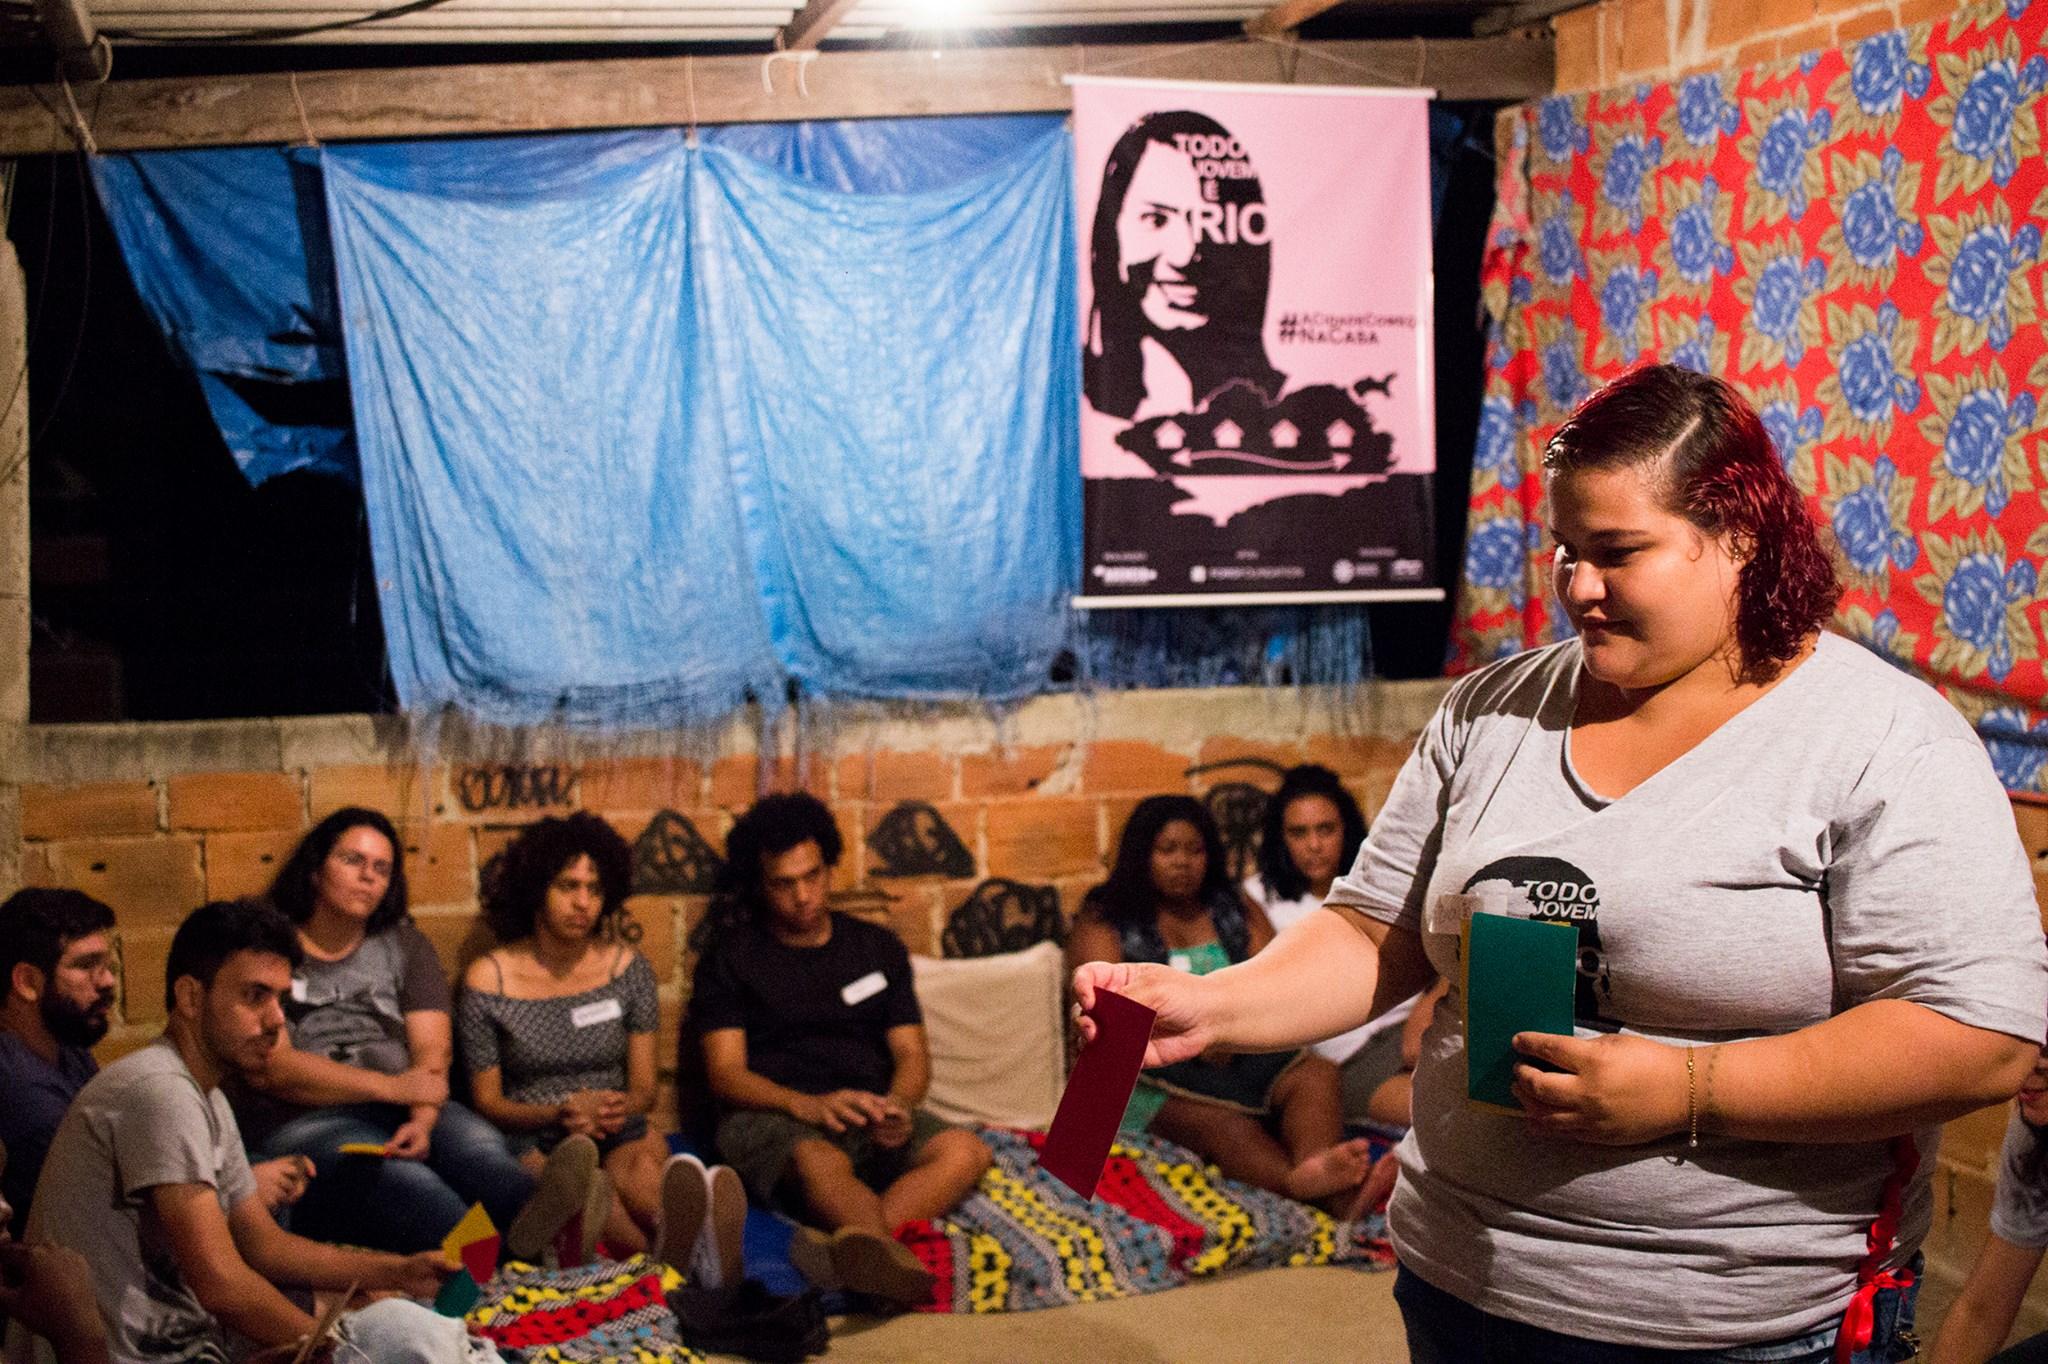 Projeto Todo Jovem é Rio busca formar lideranças comunitárias e políticas nas periferias do Rio de Janeiro / Crédito: Rio On Watch